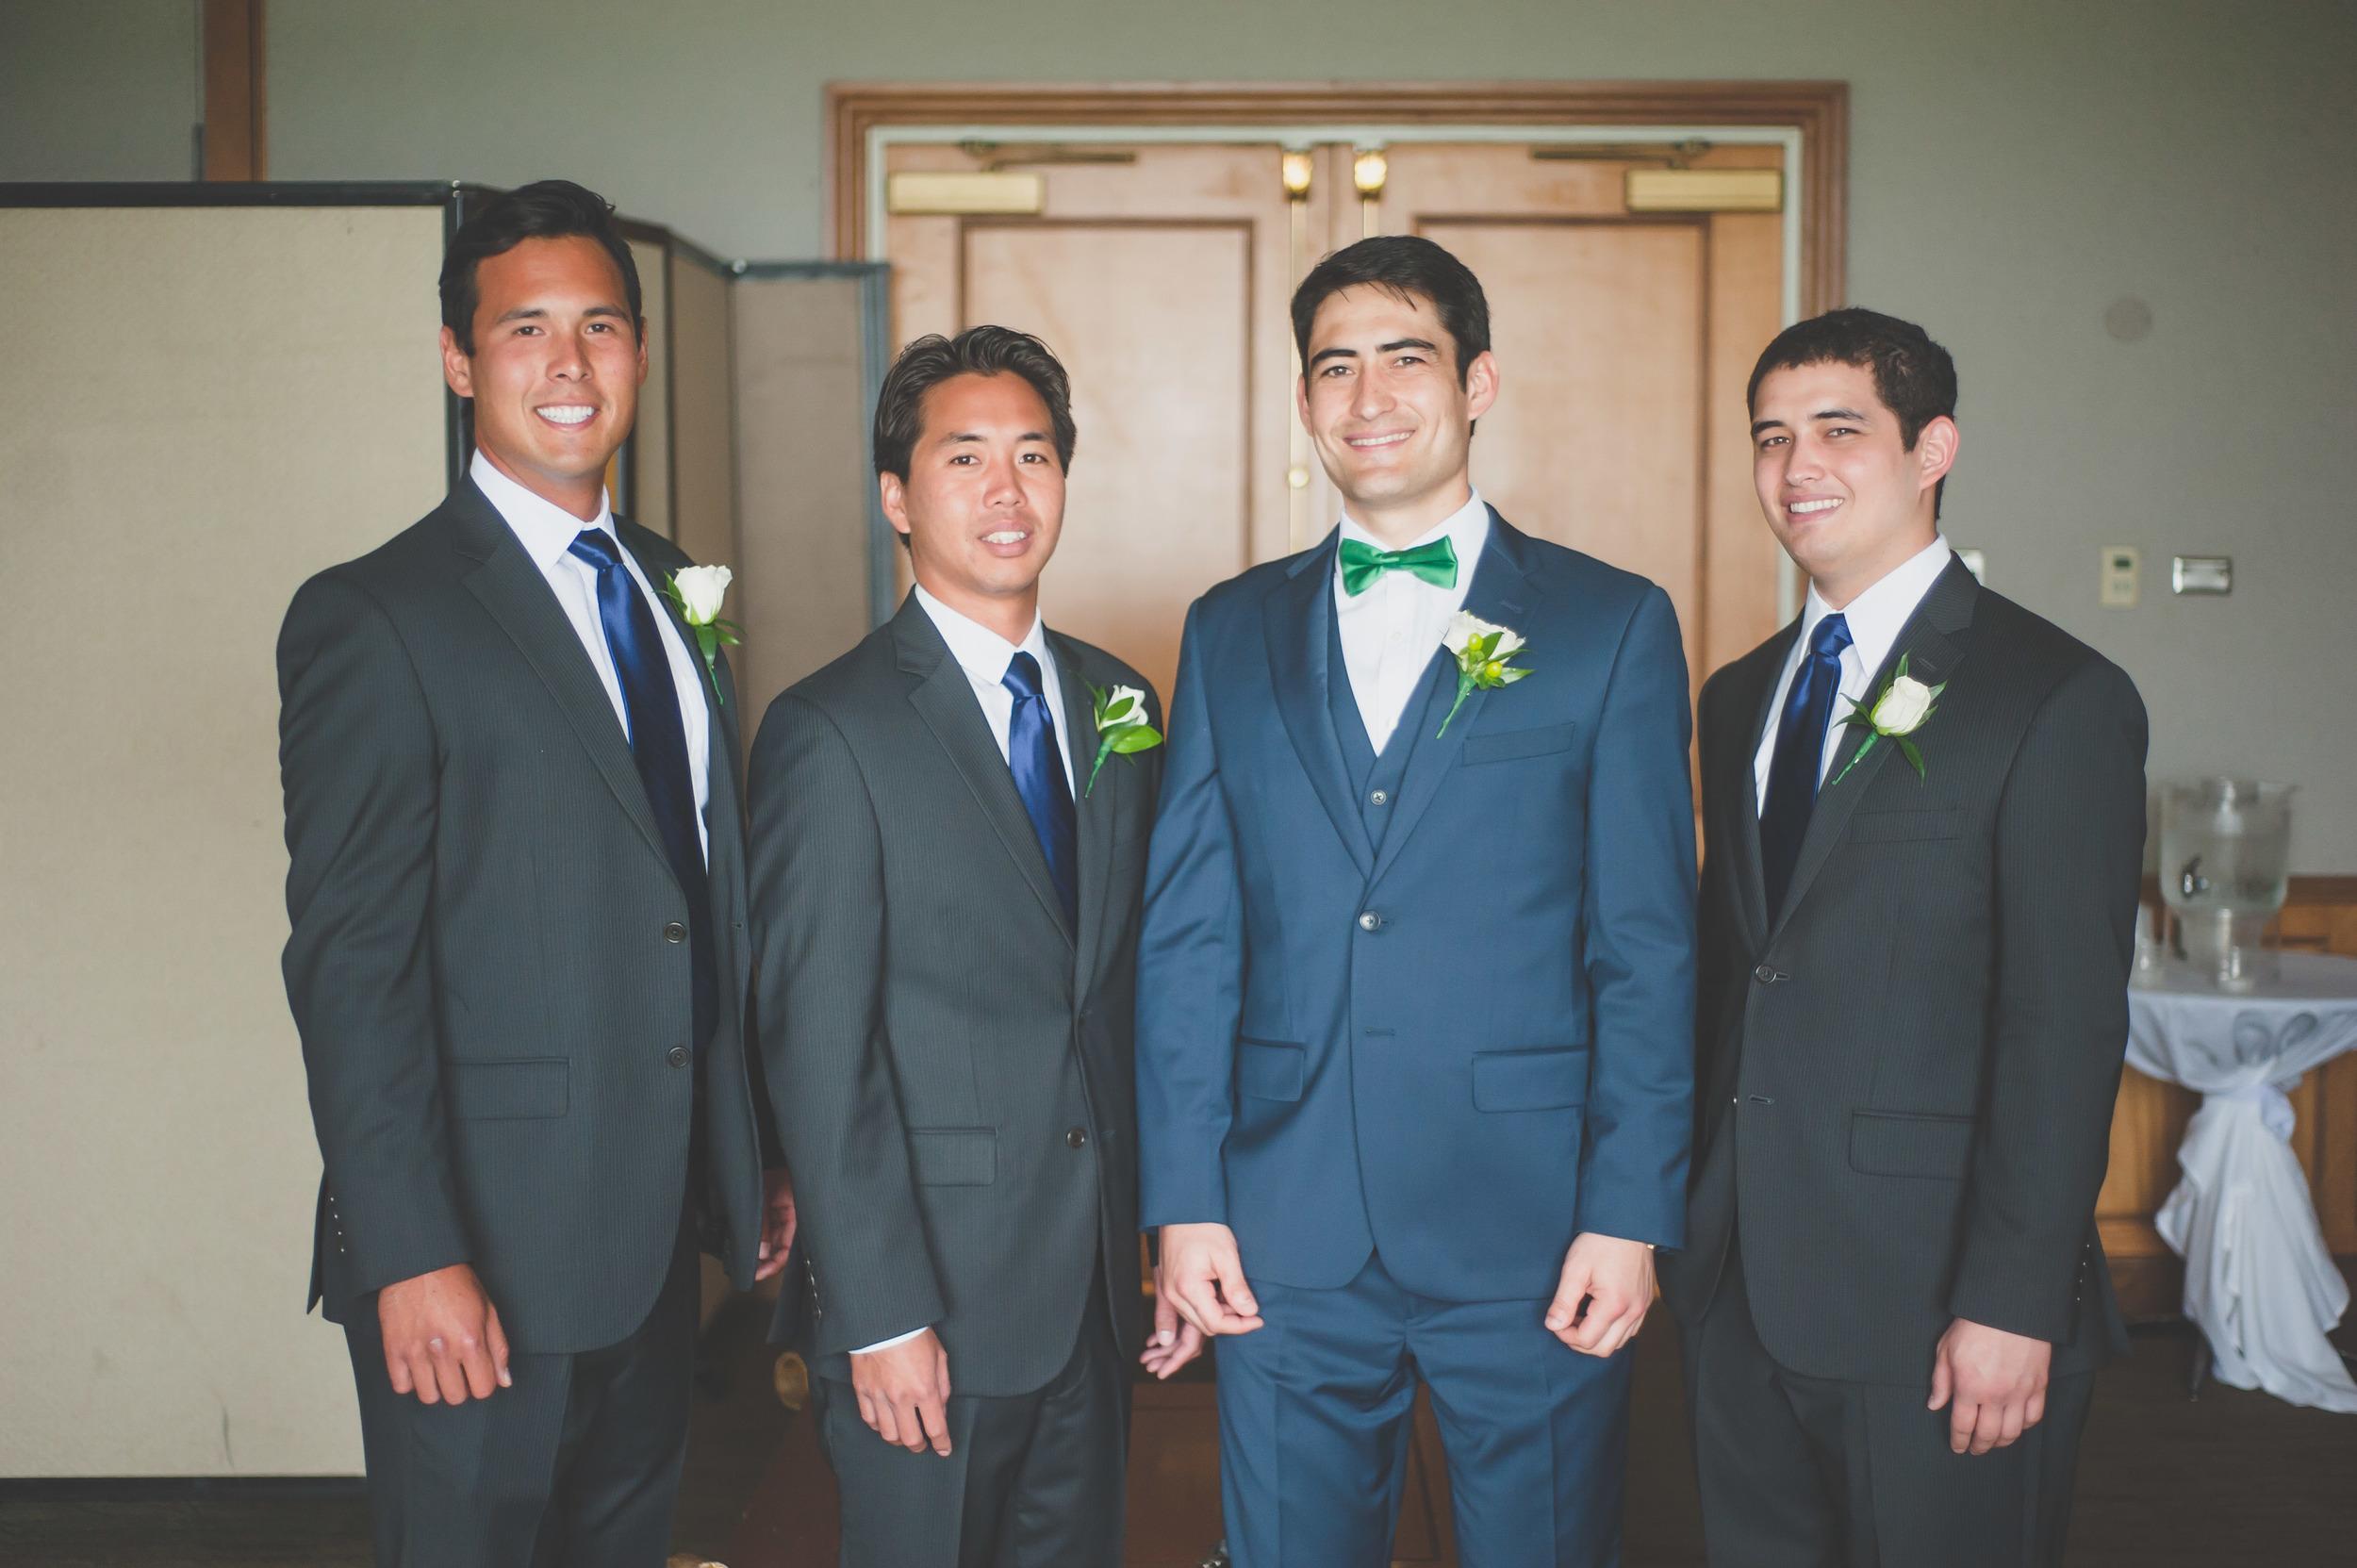 6-hawaii-koolau-ballroom-wedding.JPG